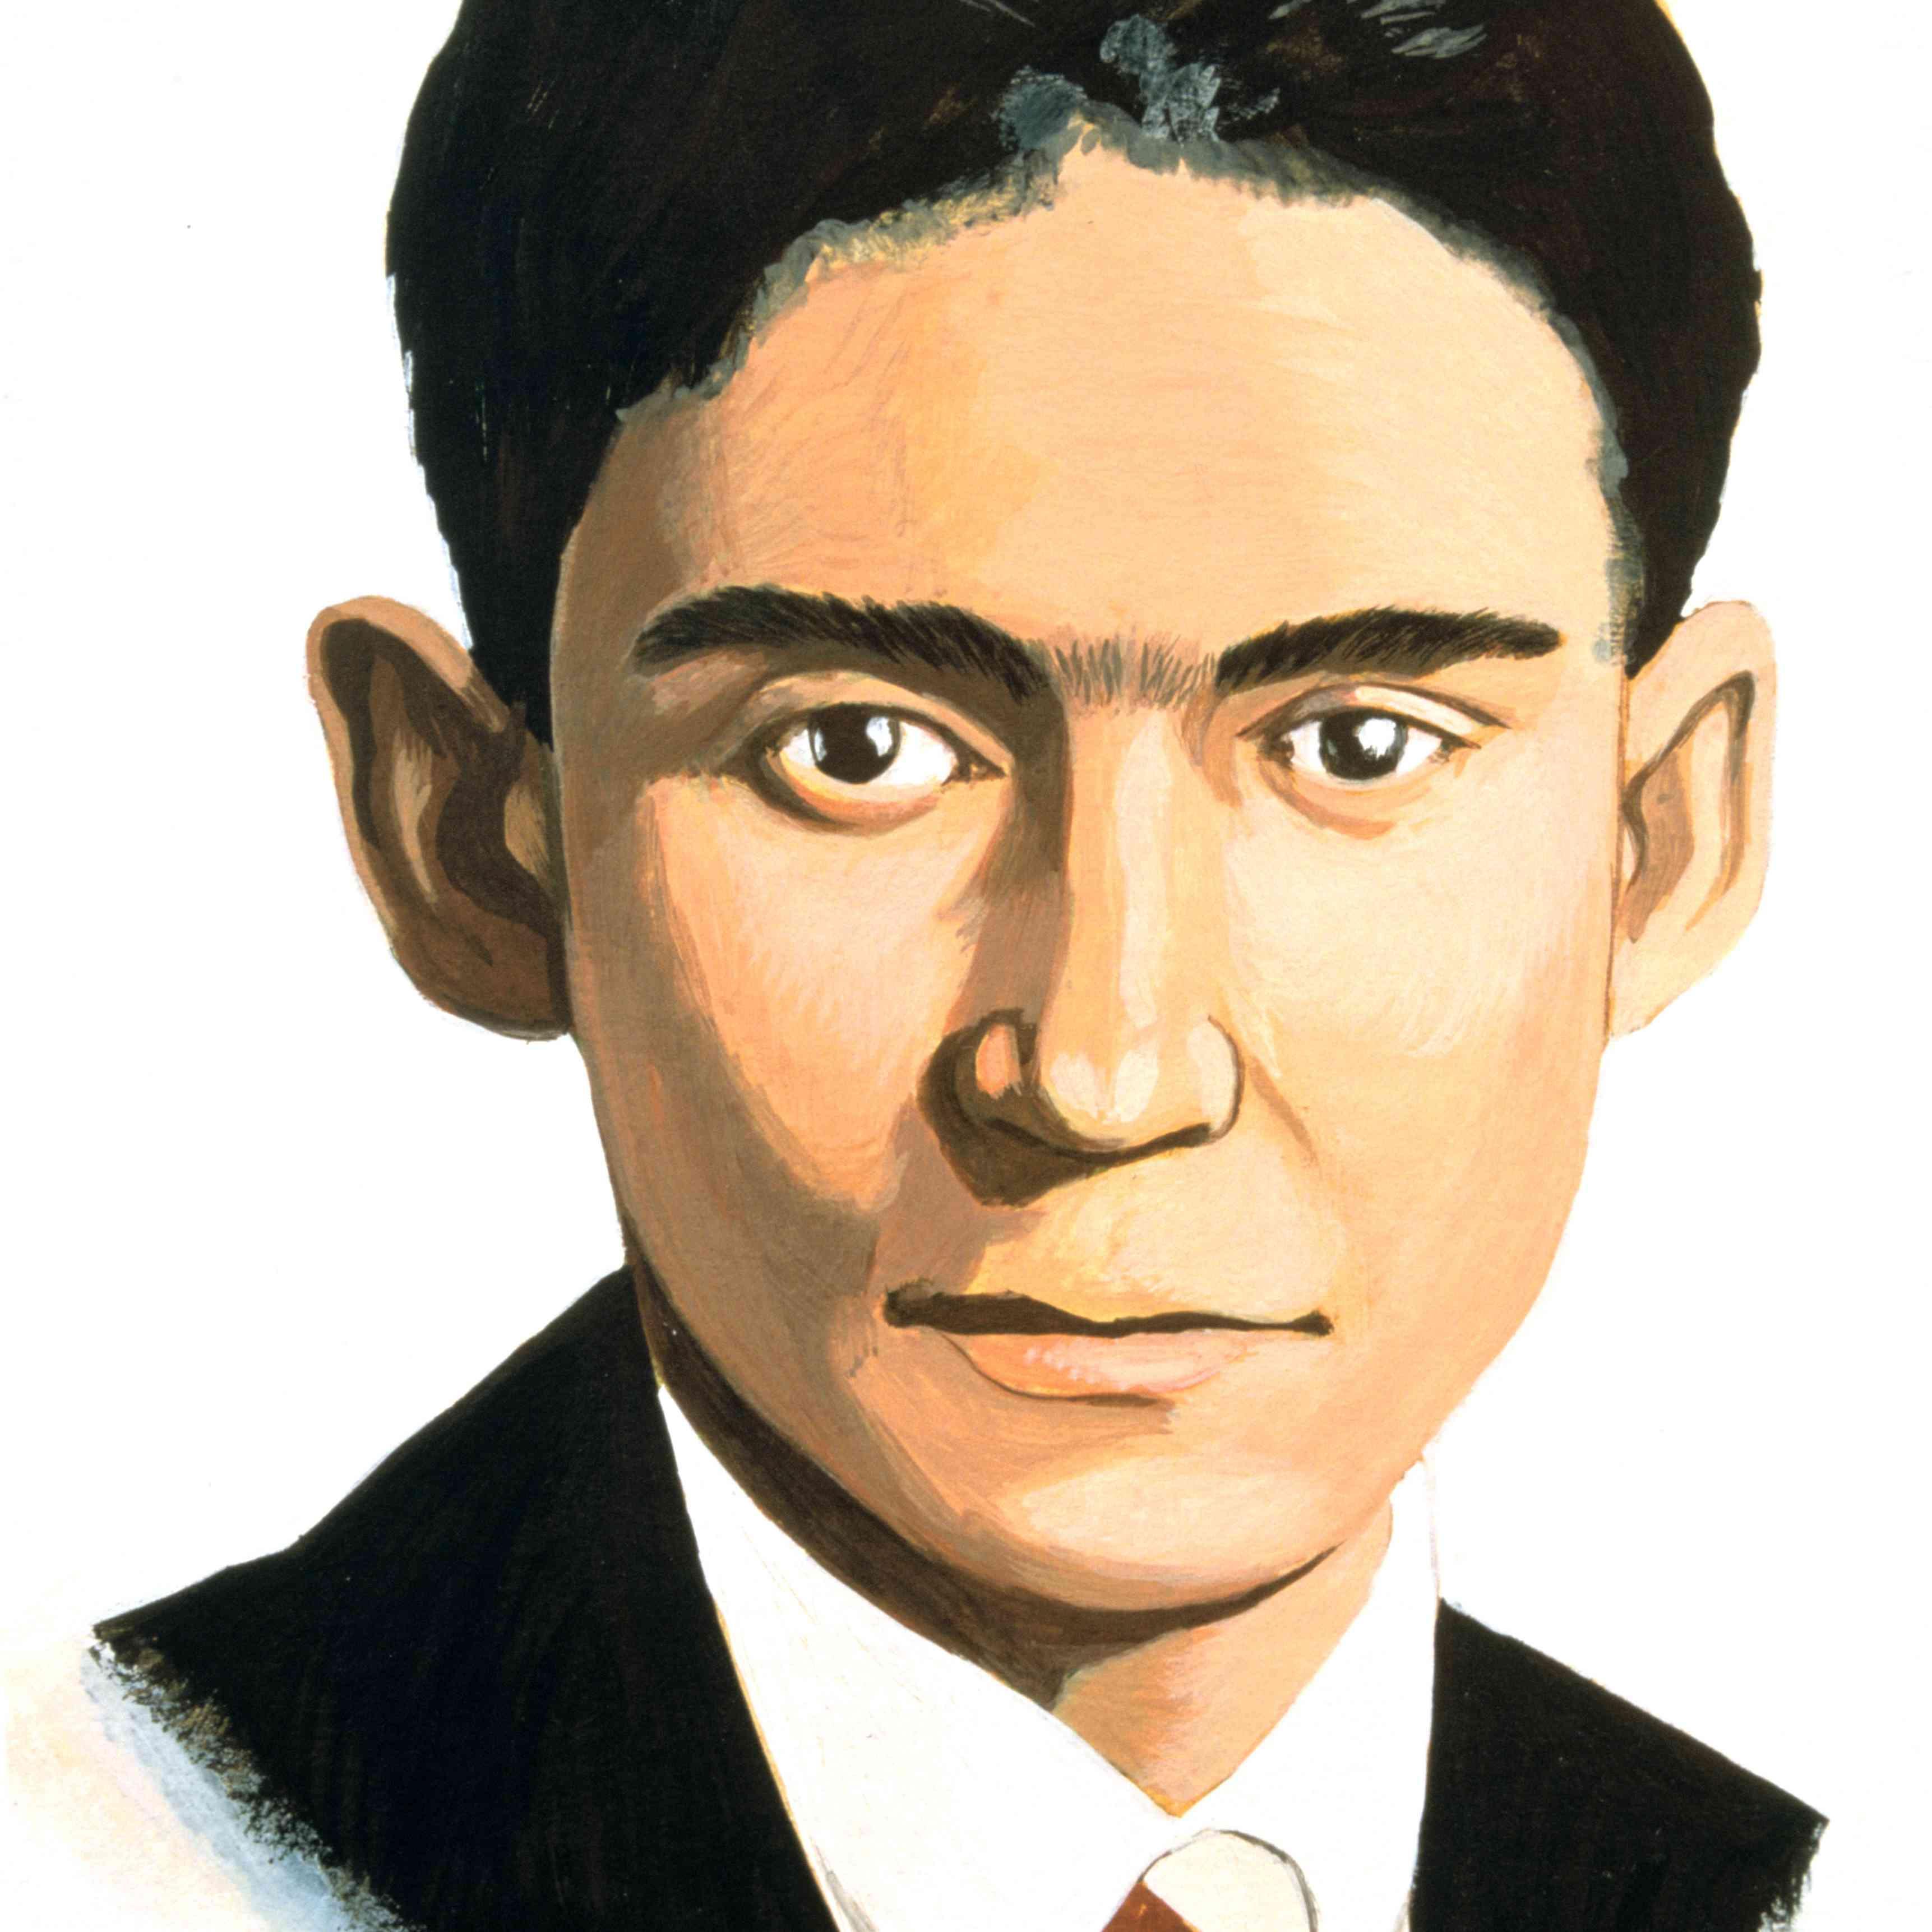 Franz Kafka, Czech novelist, early 20th century.